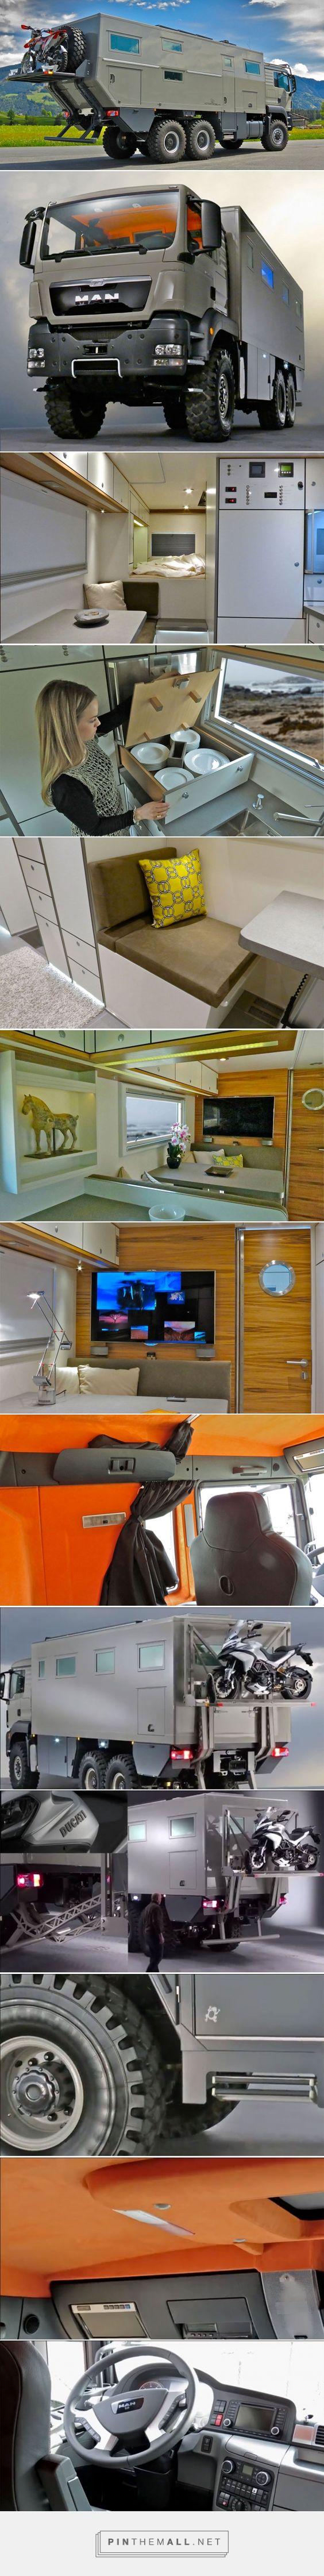 """Véritable habitation tout-terrain, ce """"camping-tank"""" peut vous emmener dans les lieux les plus hostiles   SooCurious - created via http://pinthemall.net"""